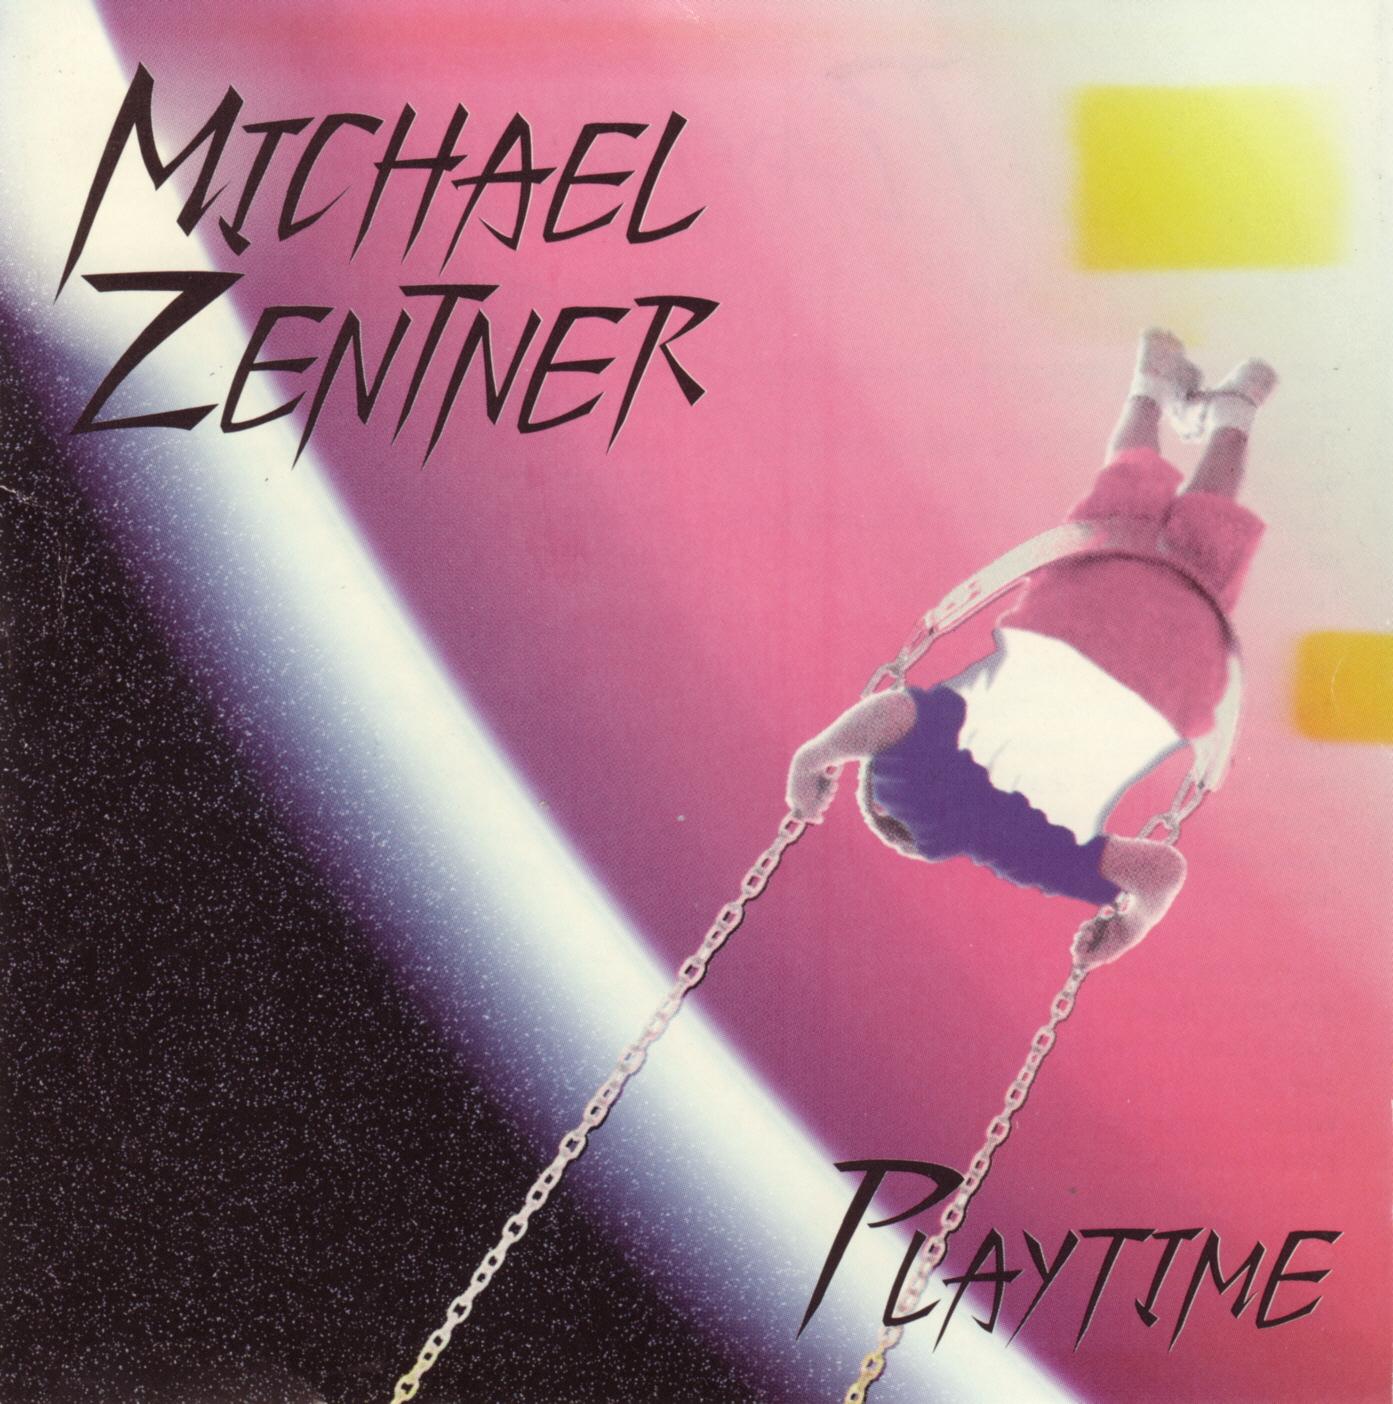 1995 Michael Zentner – Playtime